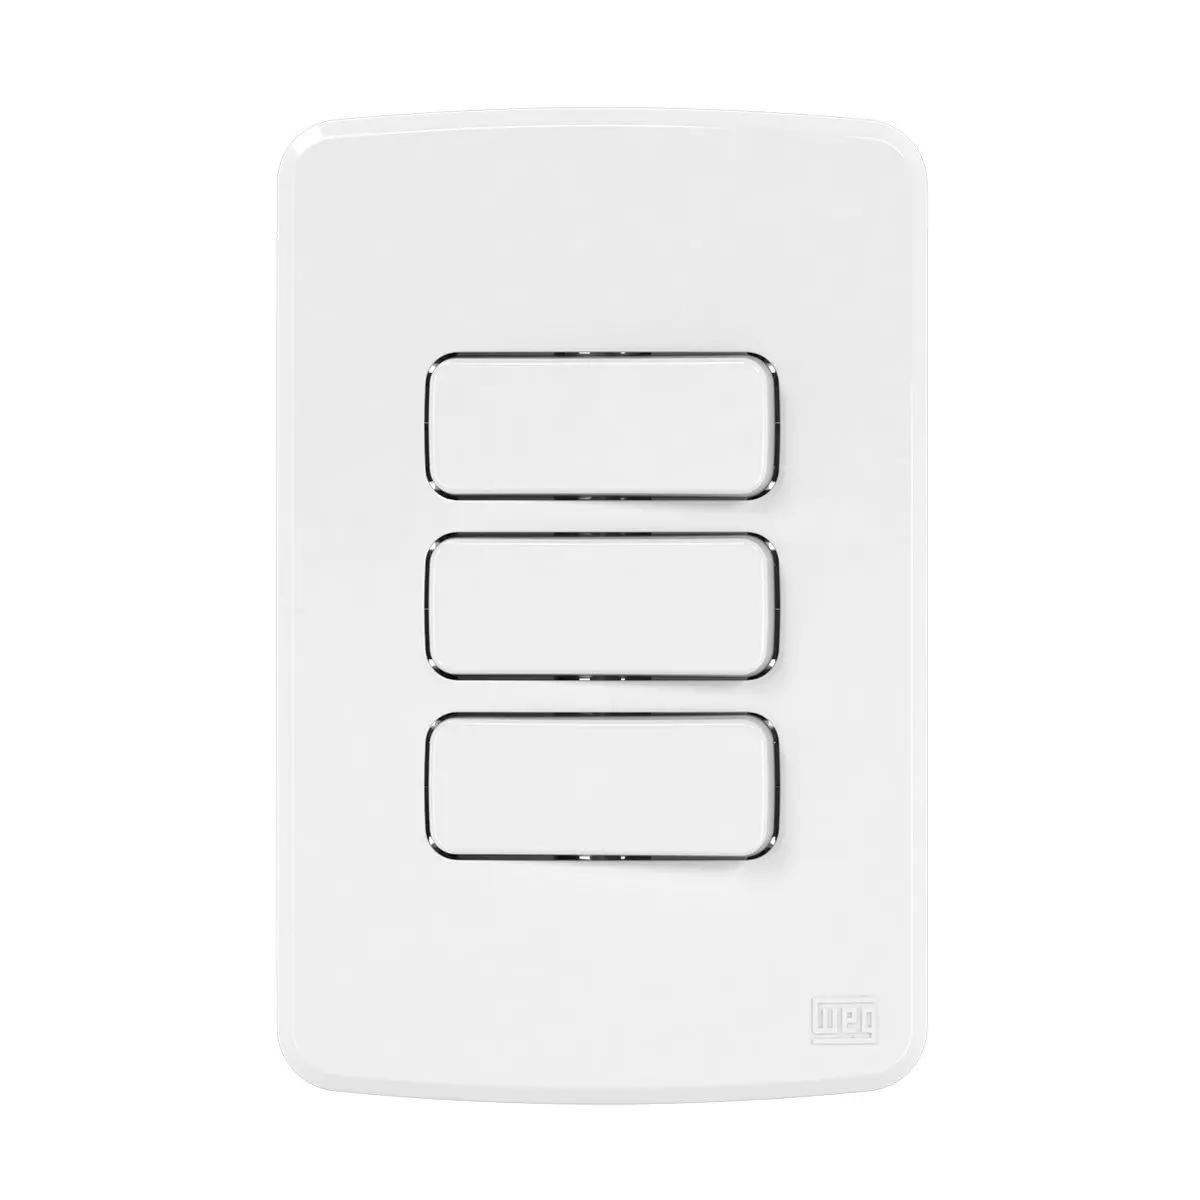 2Interruptor Simples+ 1Paralelo10A/250V Placa 4X2 Composé Br